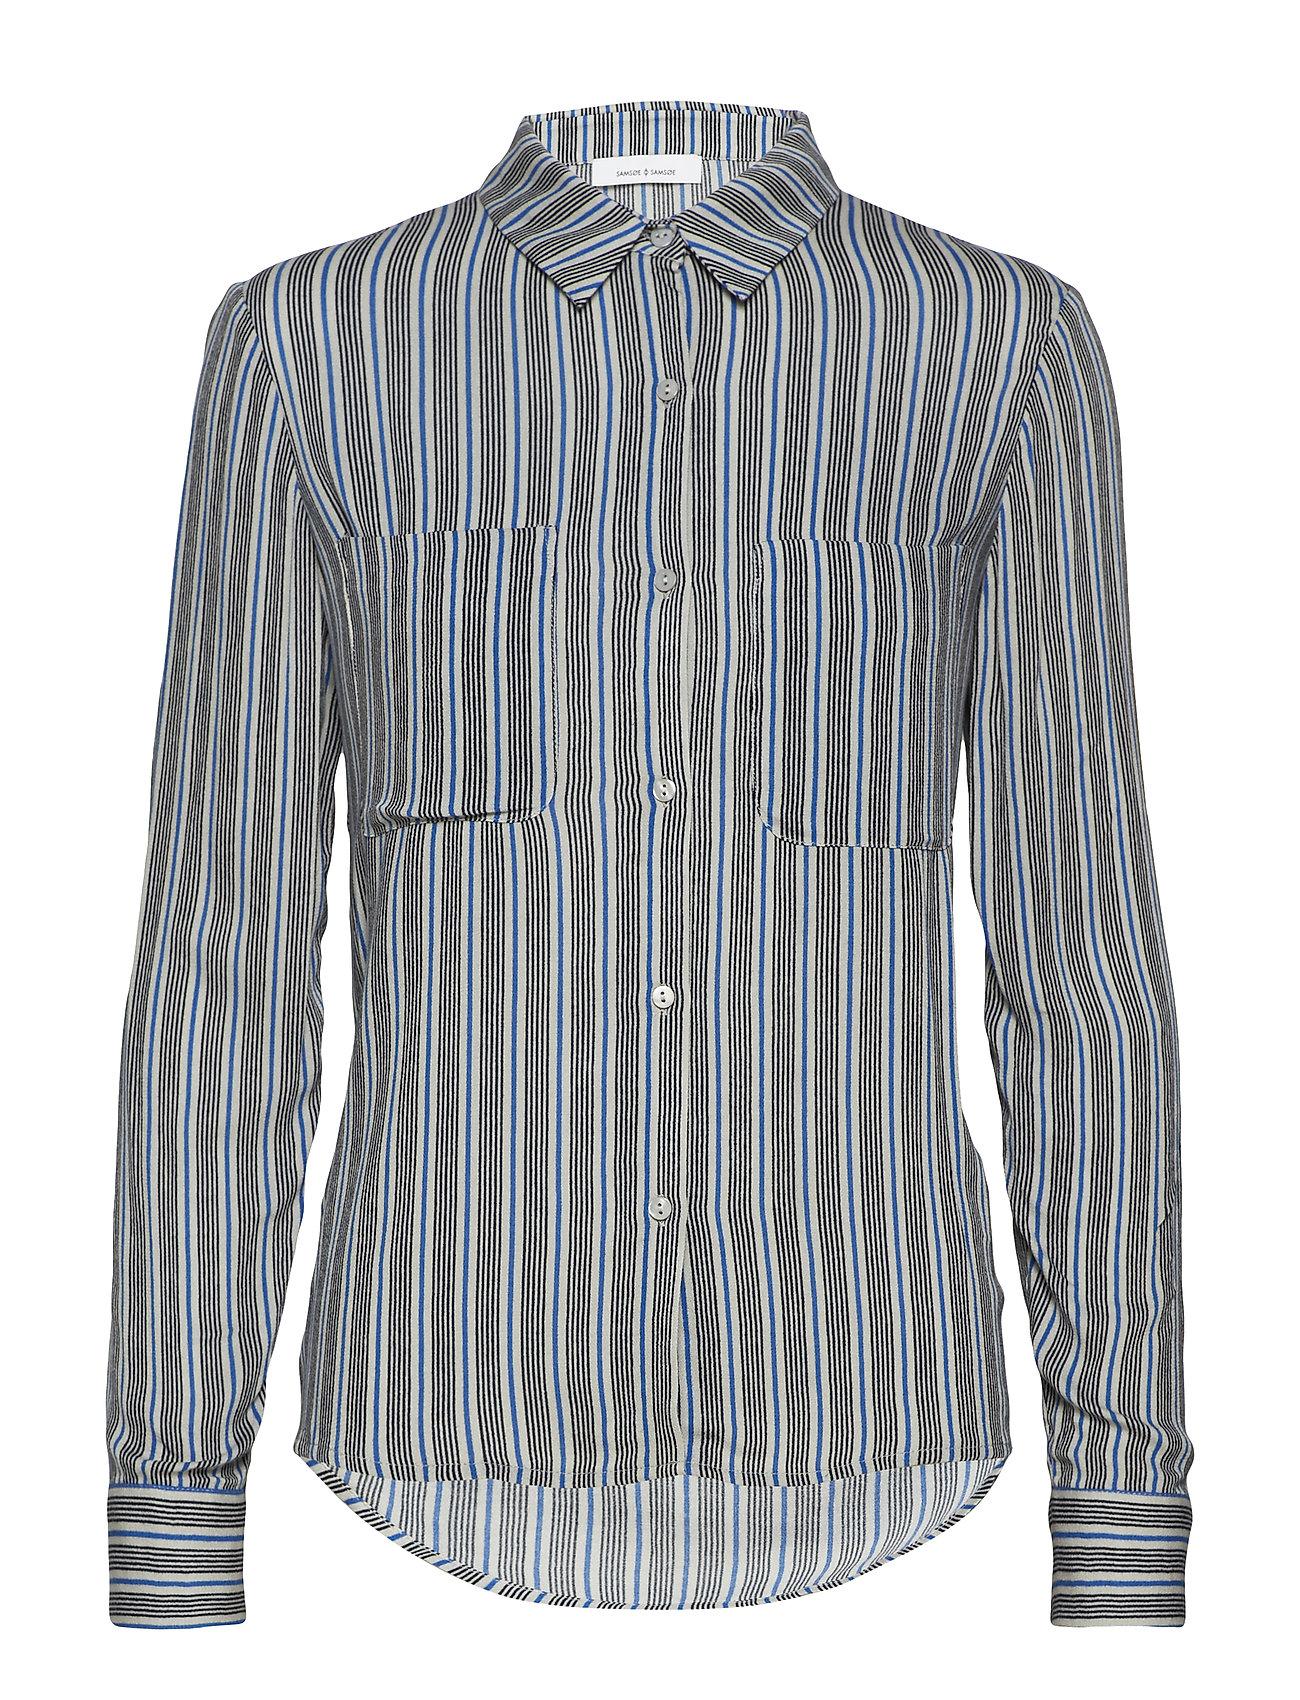 Samsøe & Samsøe Milly shirt aop 7201 - SEA ST